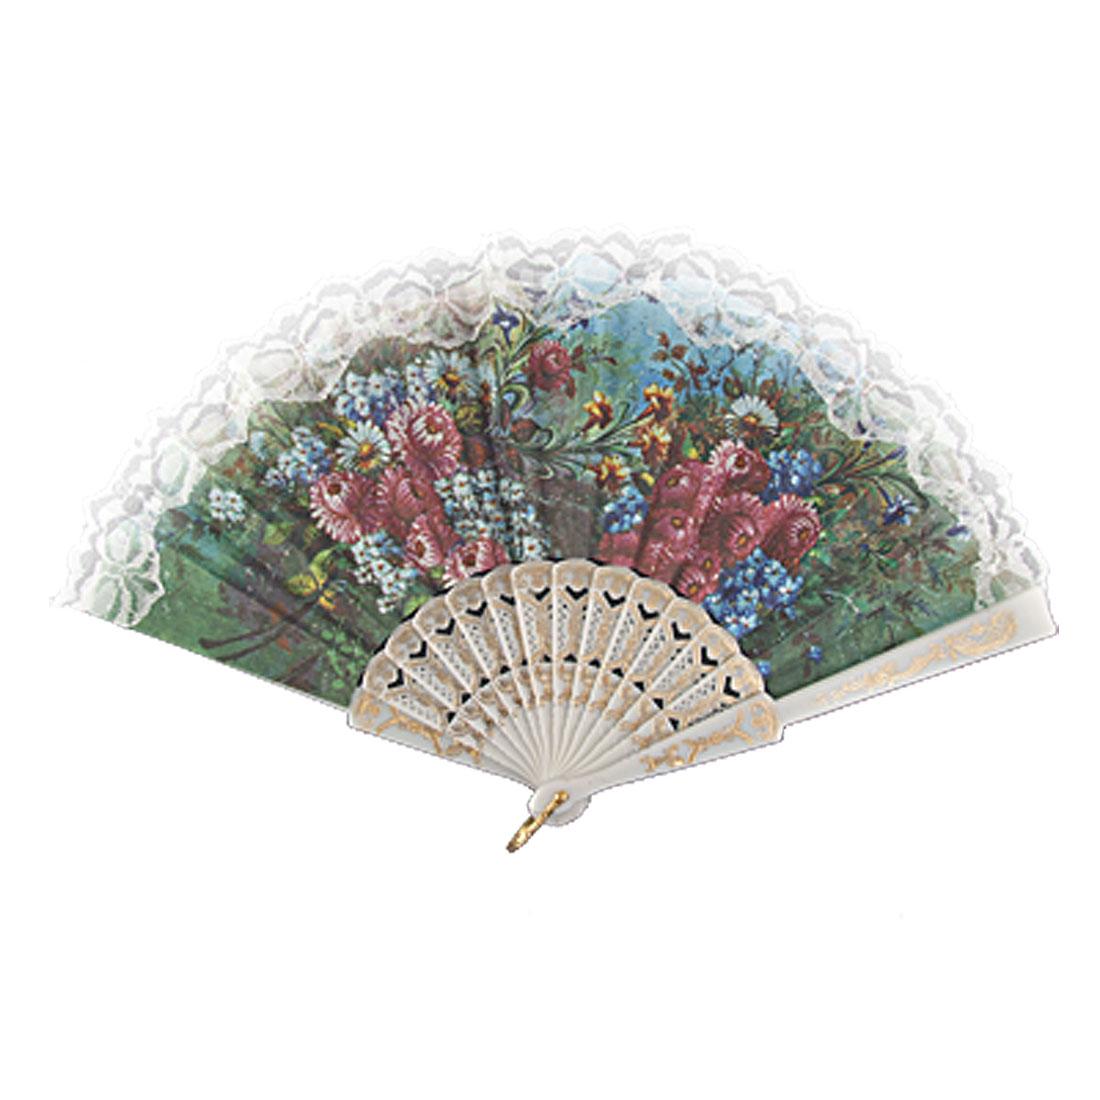 Embossed Frame Lace Applique Floral Handheld Dance Fan